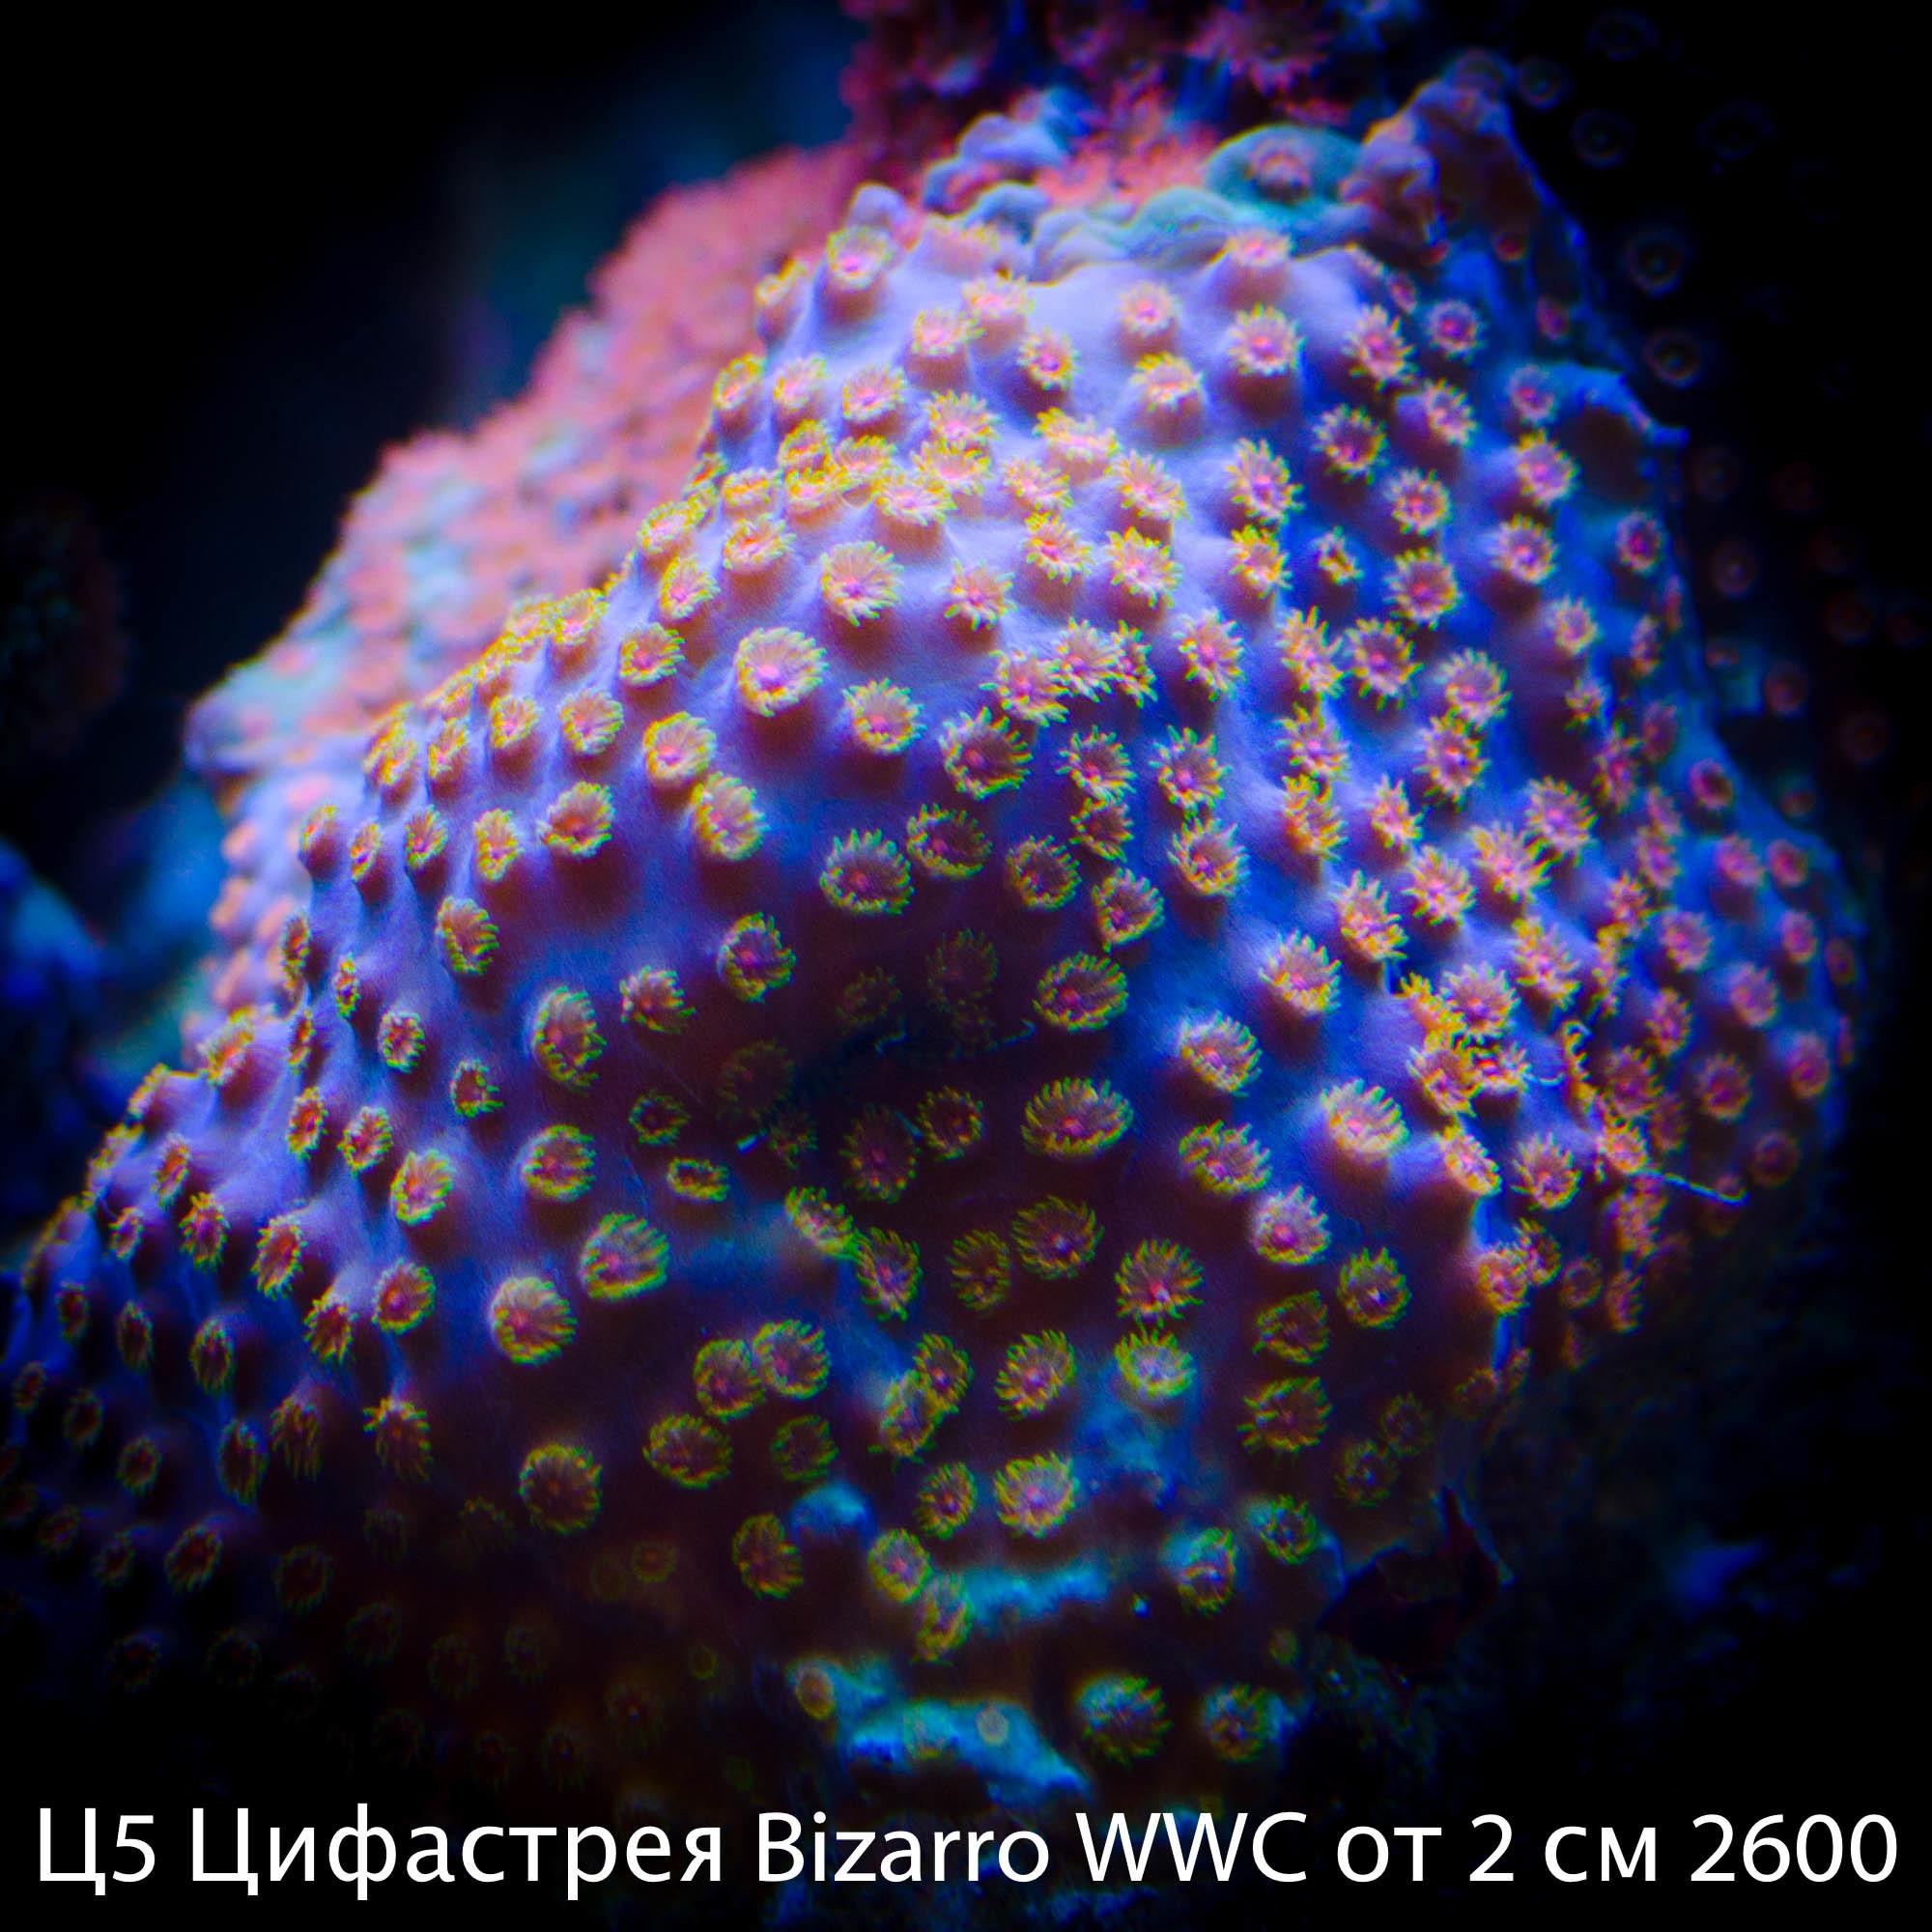 Ц5 Цифастрея Bizarro WWC от 2 см 2600